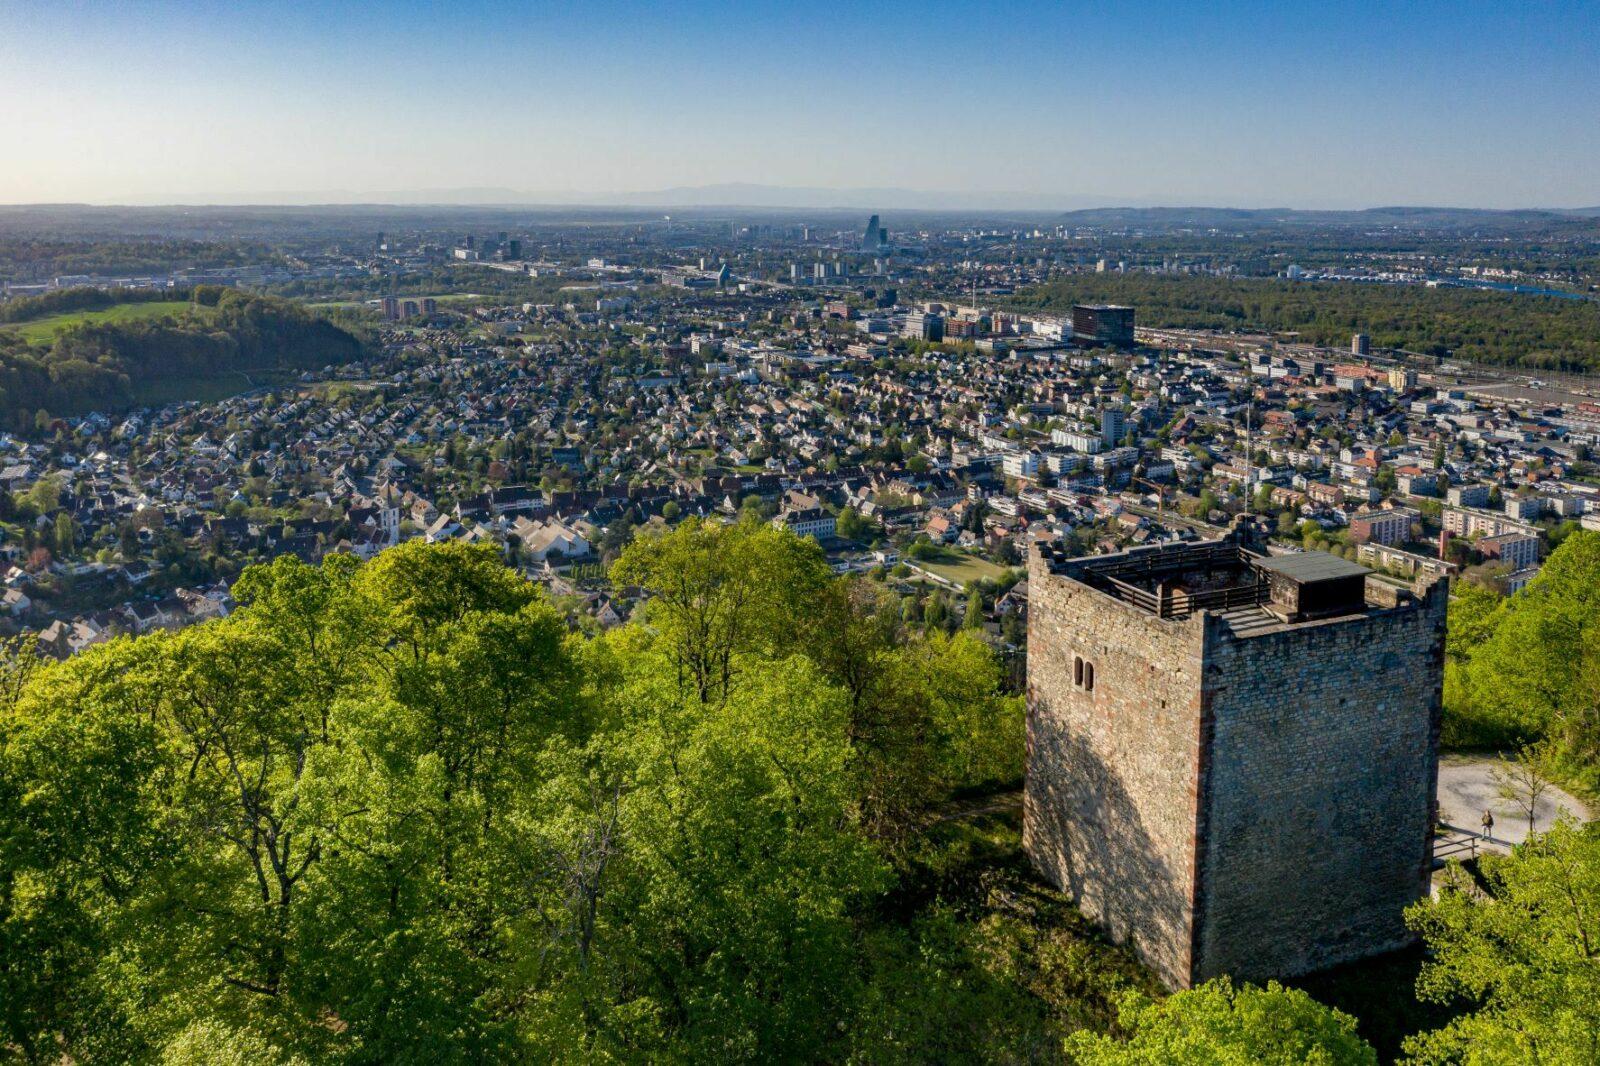 Ruinen Wartenberg Baselland Muttenz Jan Geerk 2021 2